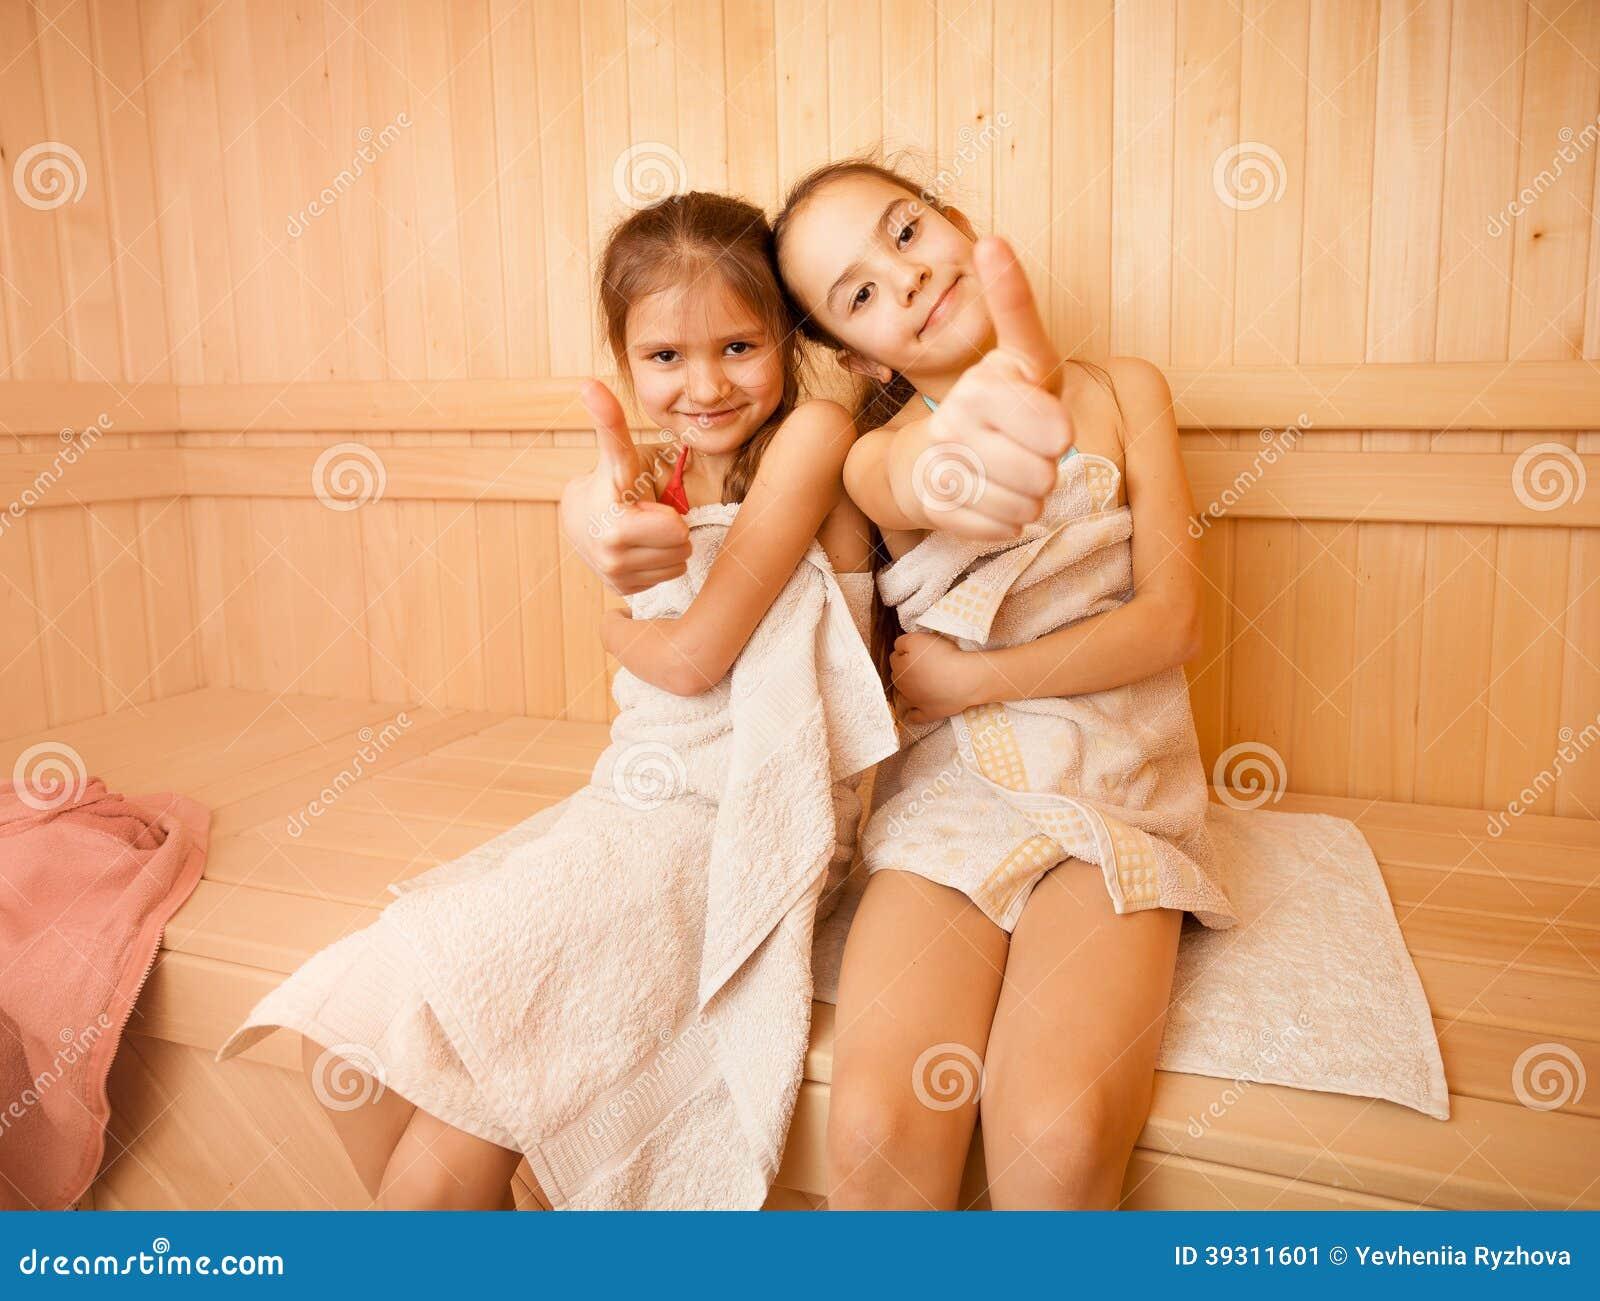 девочки в бане сауне